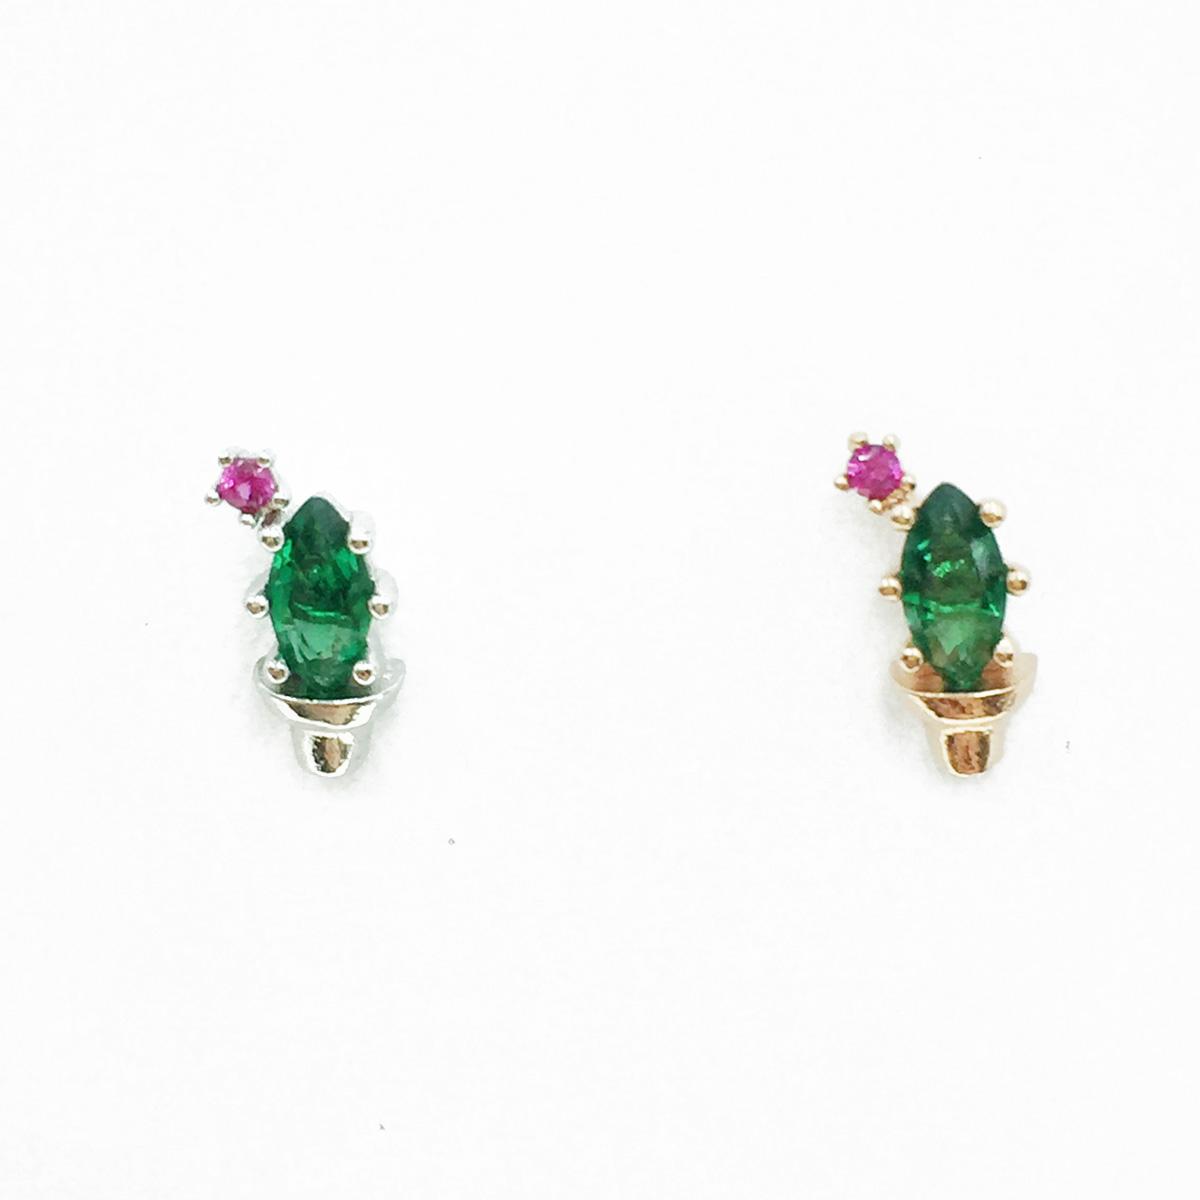 韓國 不鏽鋼 仙人掌 水鑽 兩色 單支後轉 耳針式耳環